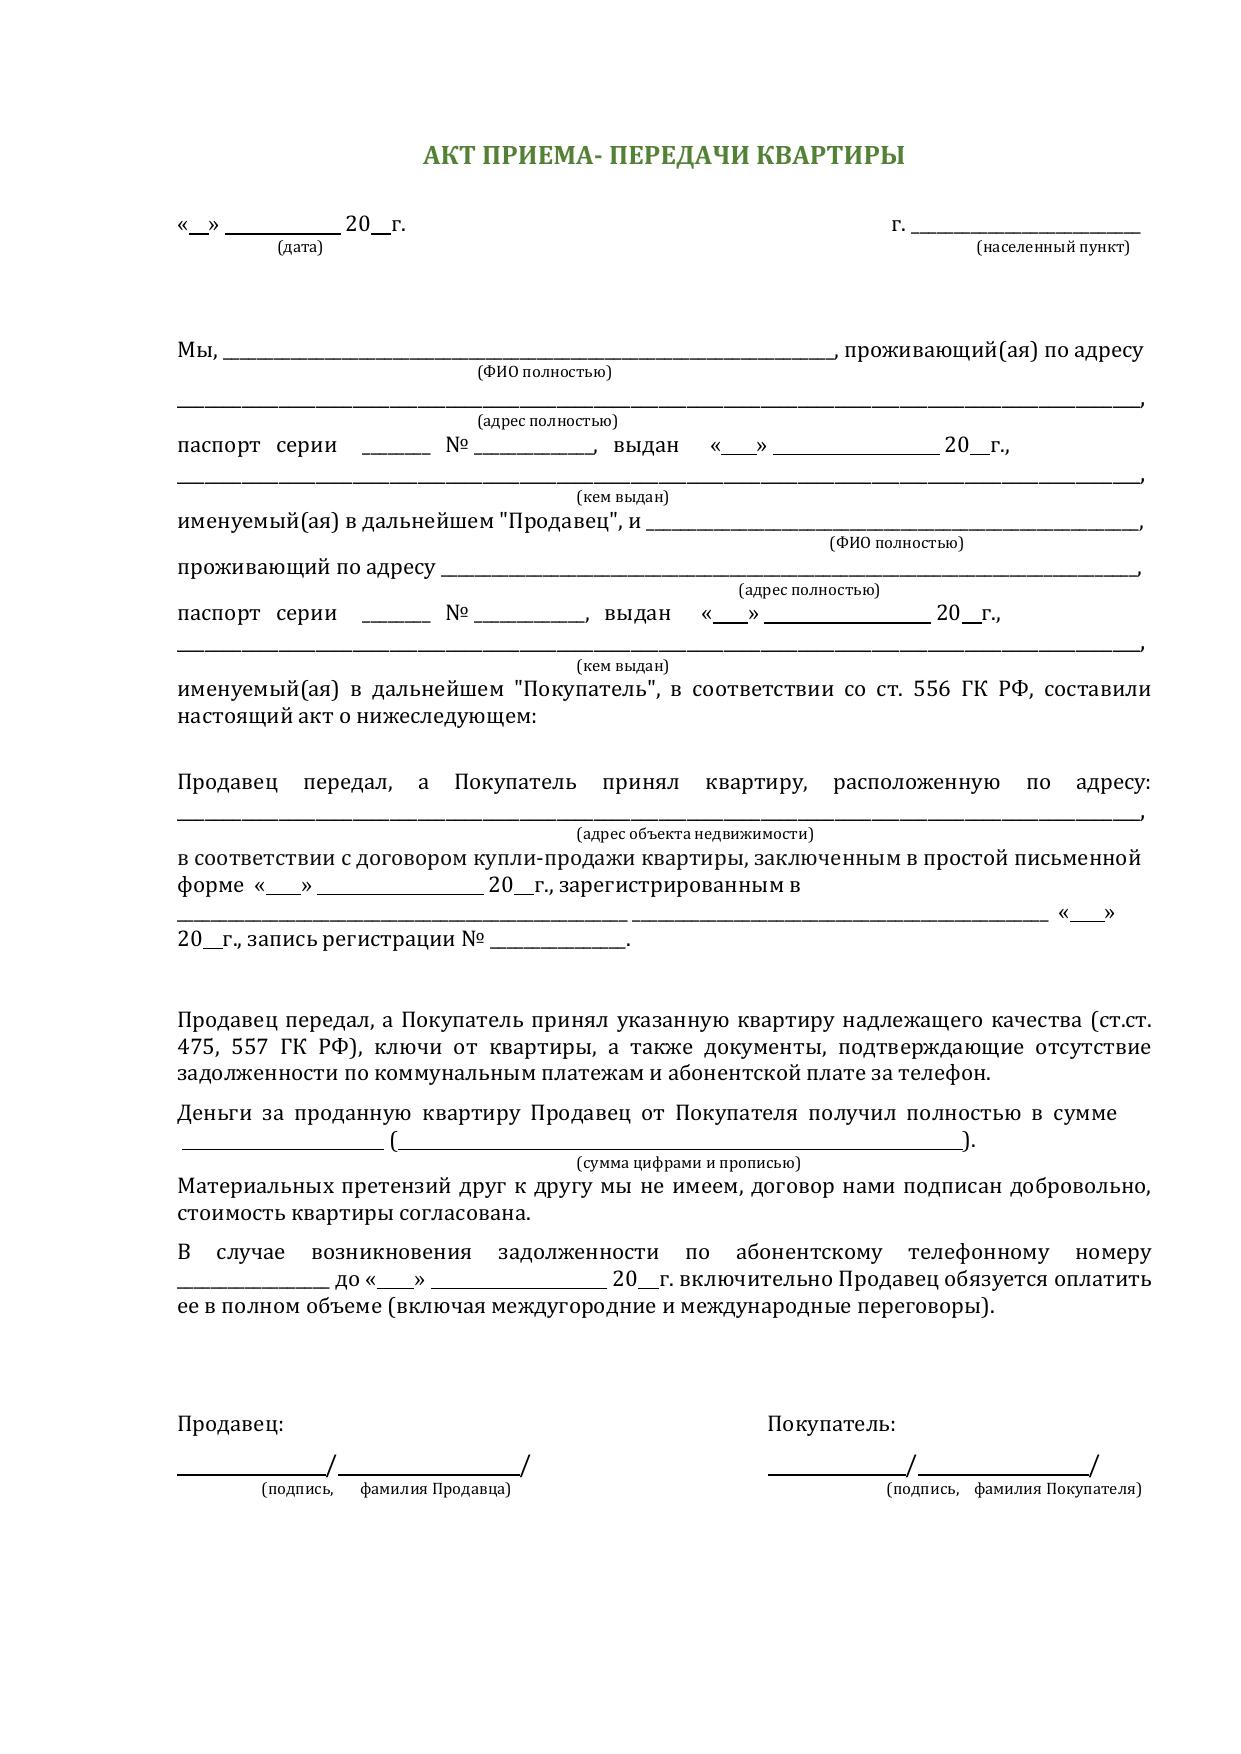 Передаточный акт к договору купли-продажи квартиры правила составления